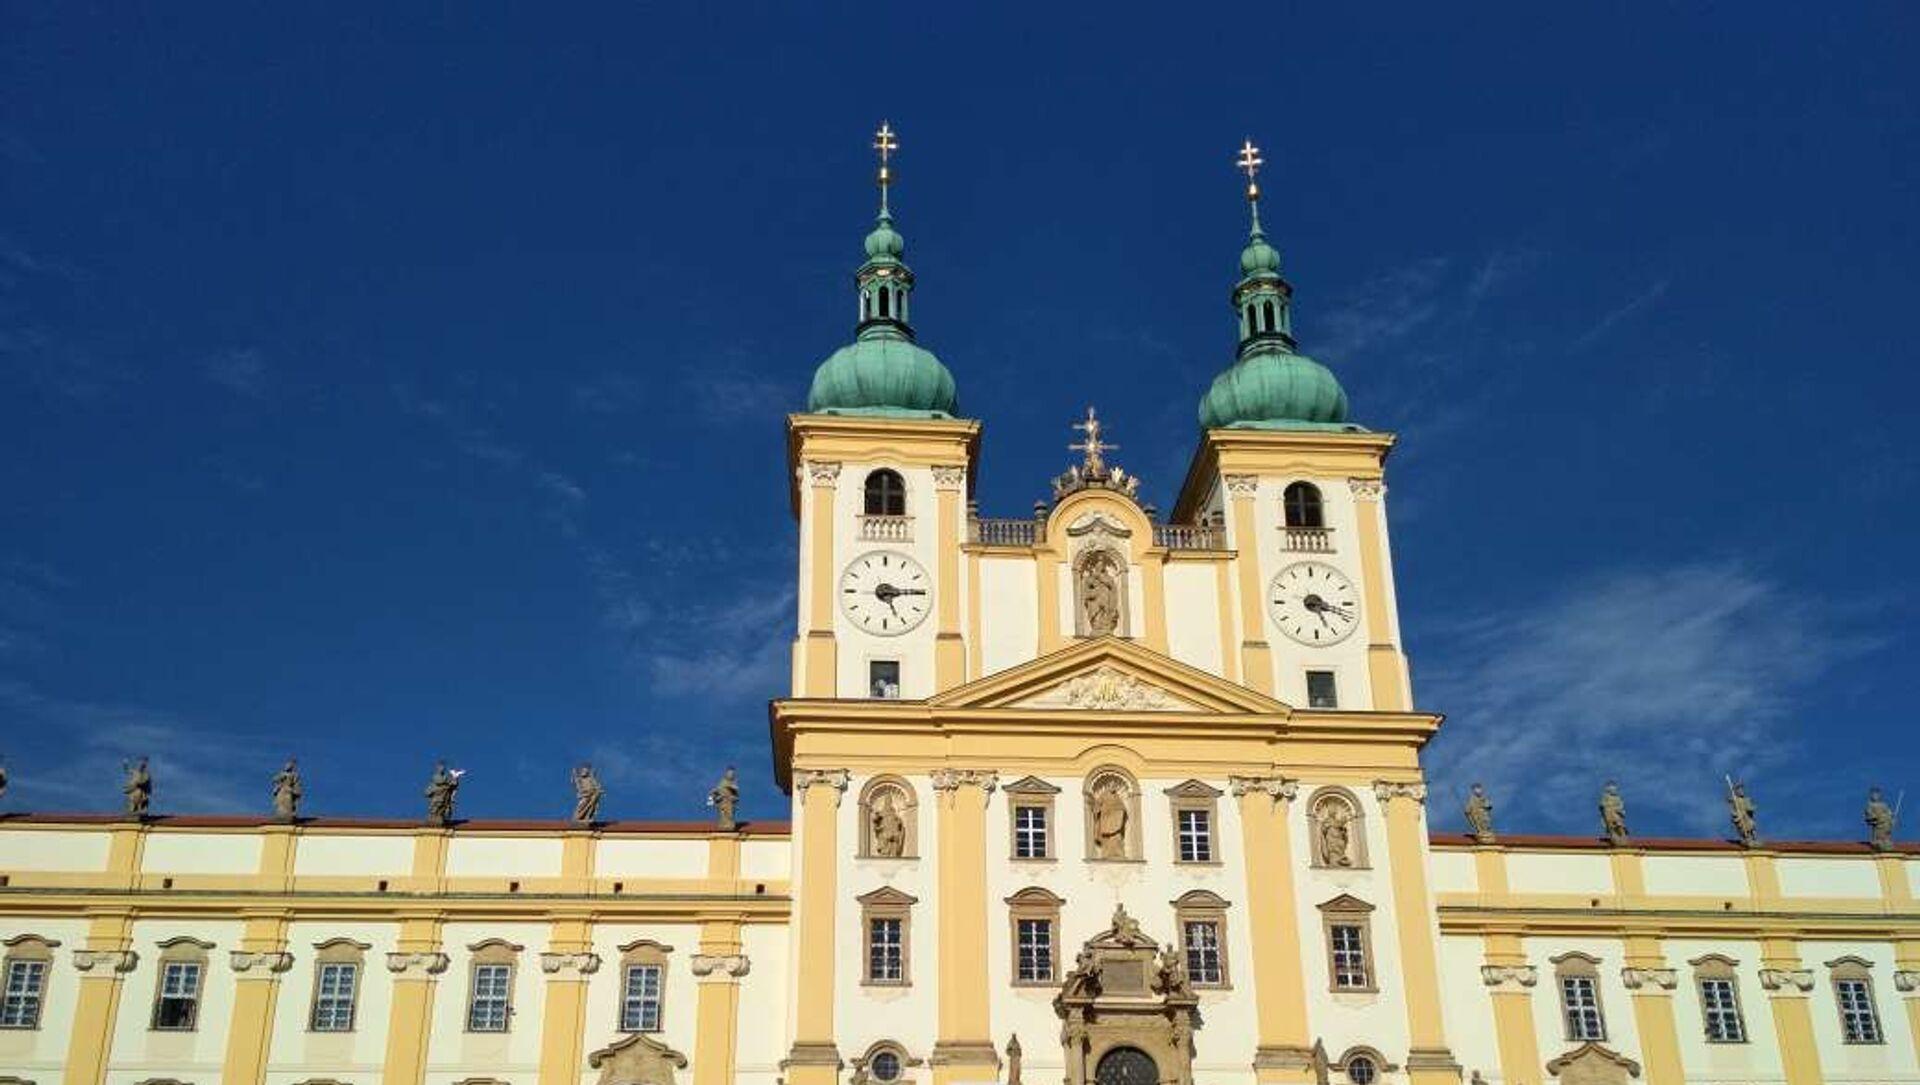 Bazilika Navštívení Panny Marie na Svatém Kopečku u Olomouce - Sputnik Česká republika, 1920, 05.04.2021